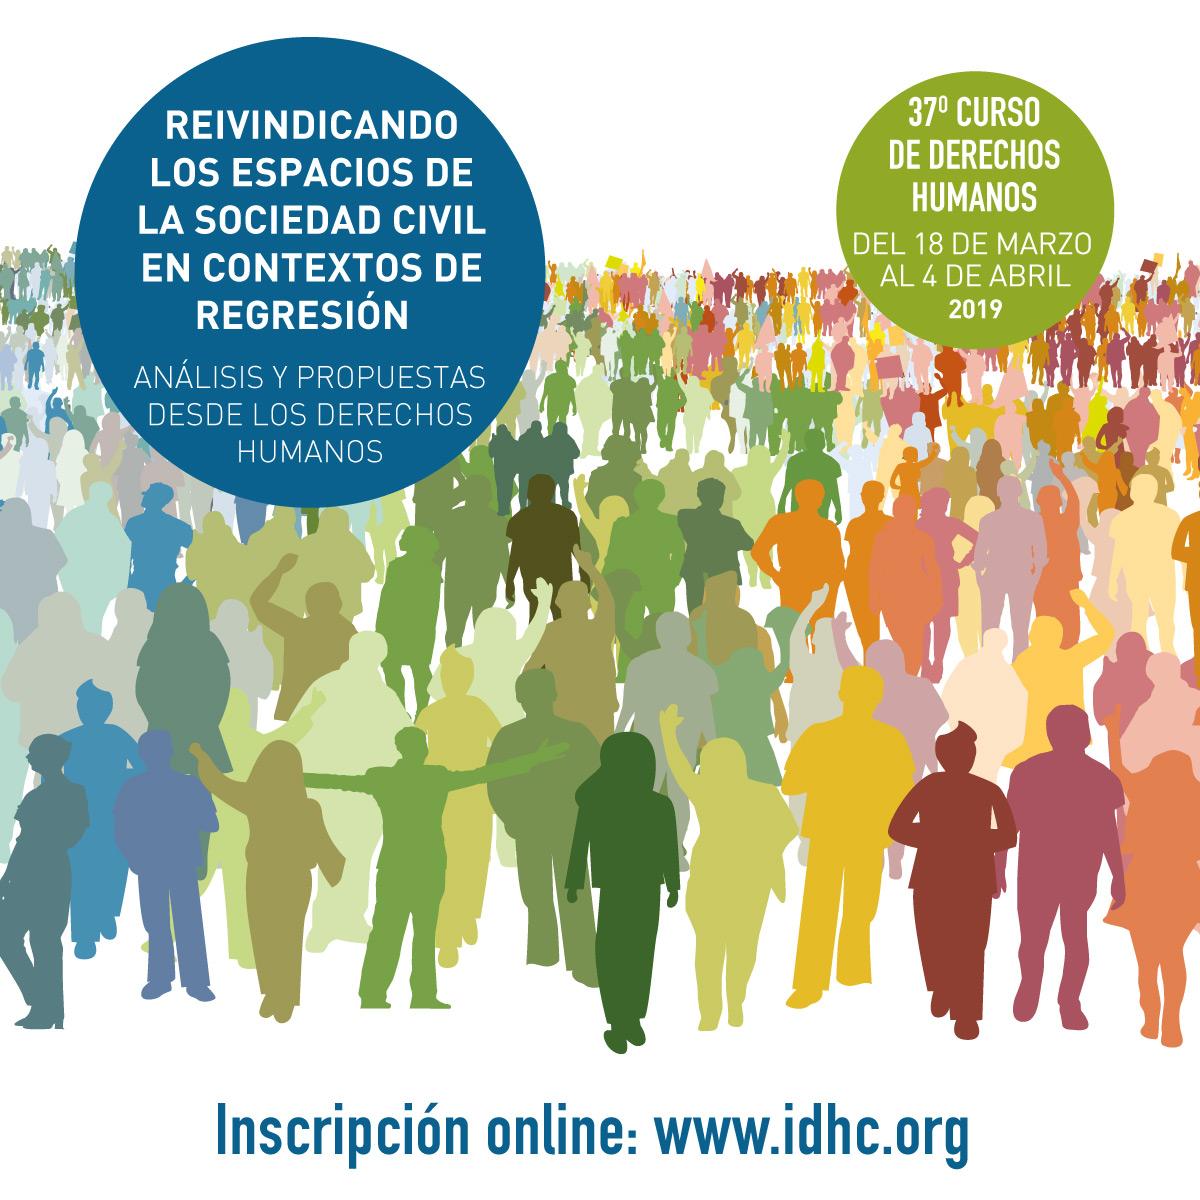 37º Curso Anual de Derechos Humanos 2019